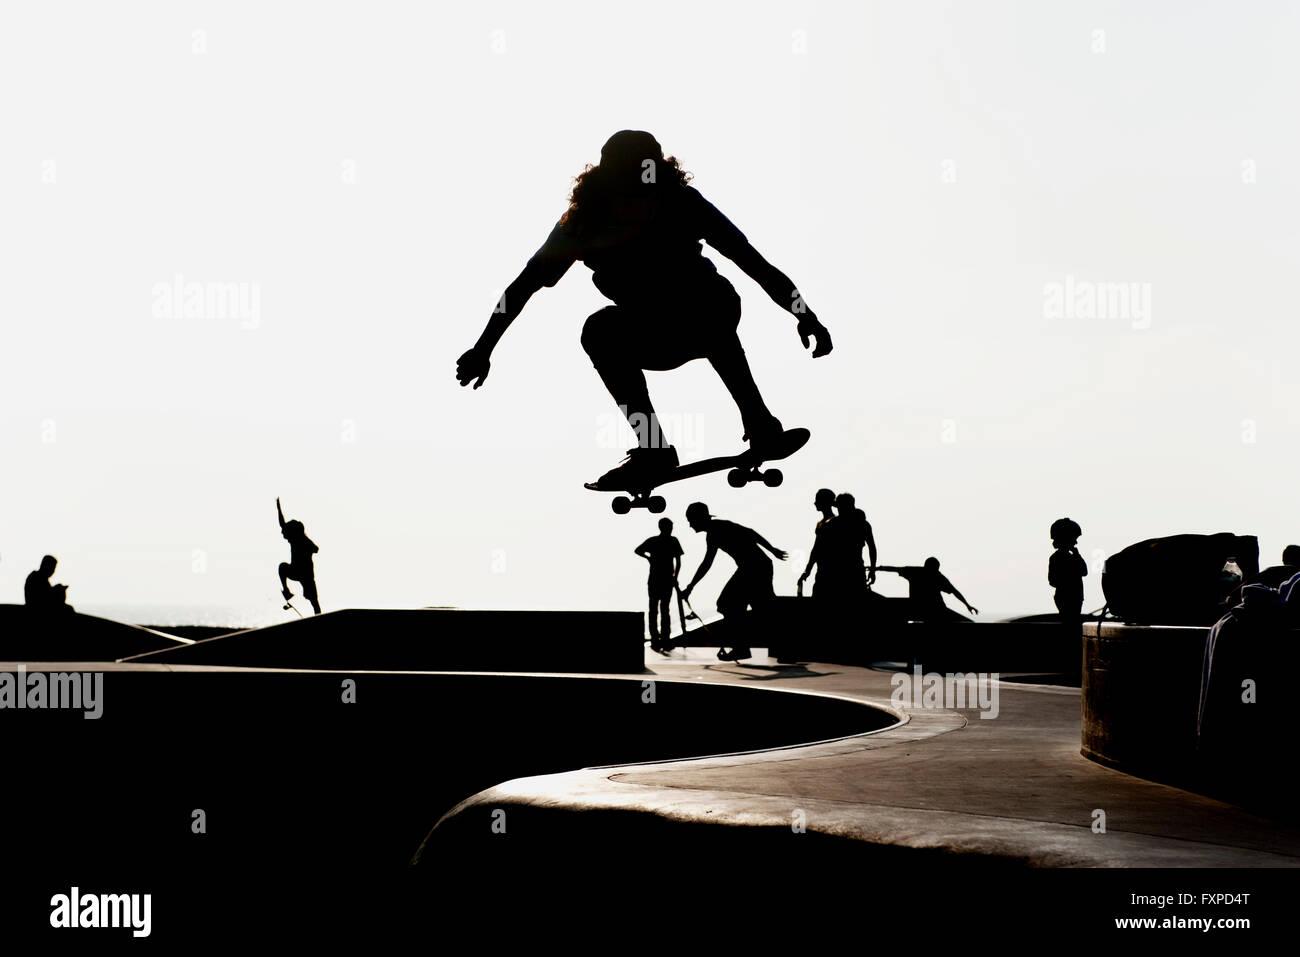 La planche de skate park, silhouetté Photo Stock